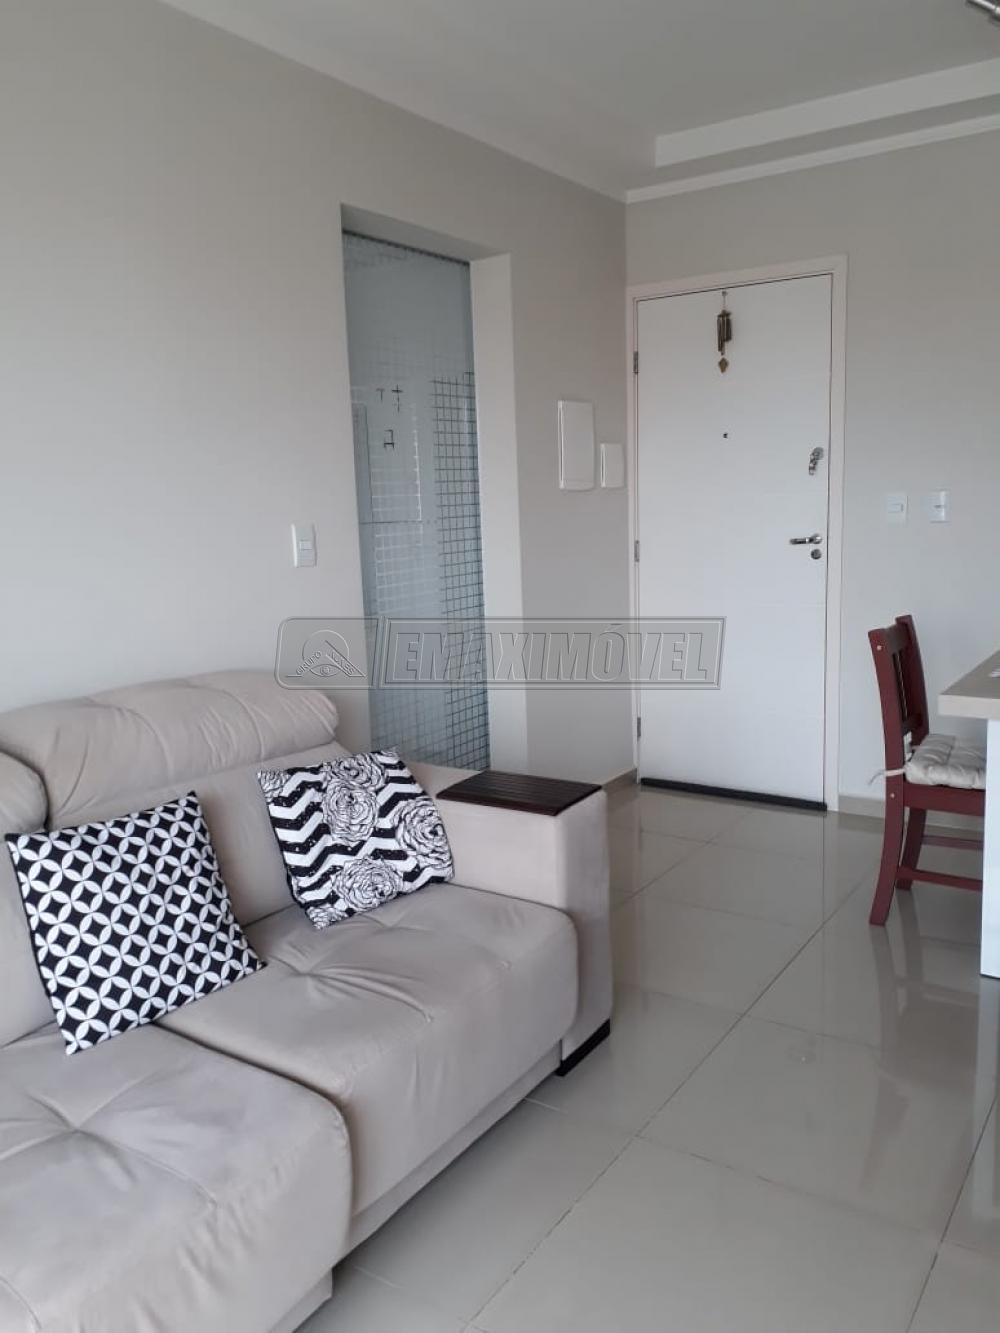 Comprar Apartamento / Padrão em Sorocaba R$ 348.000,00 - Foto 2